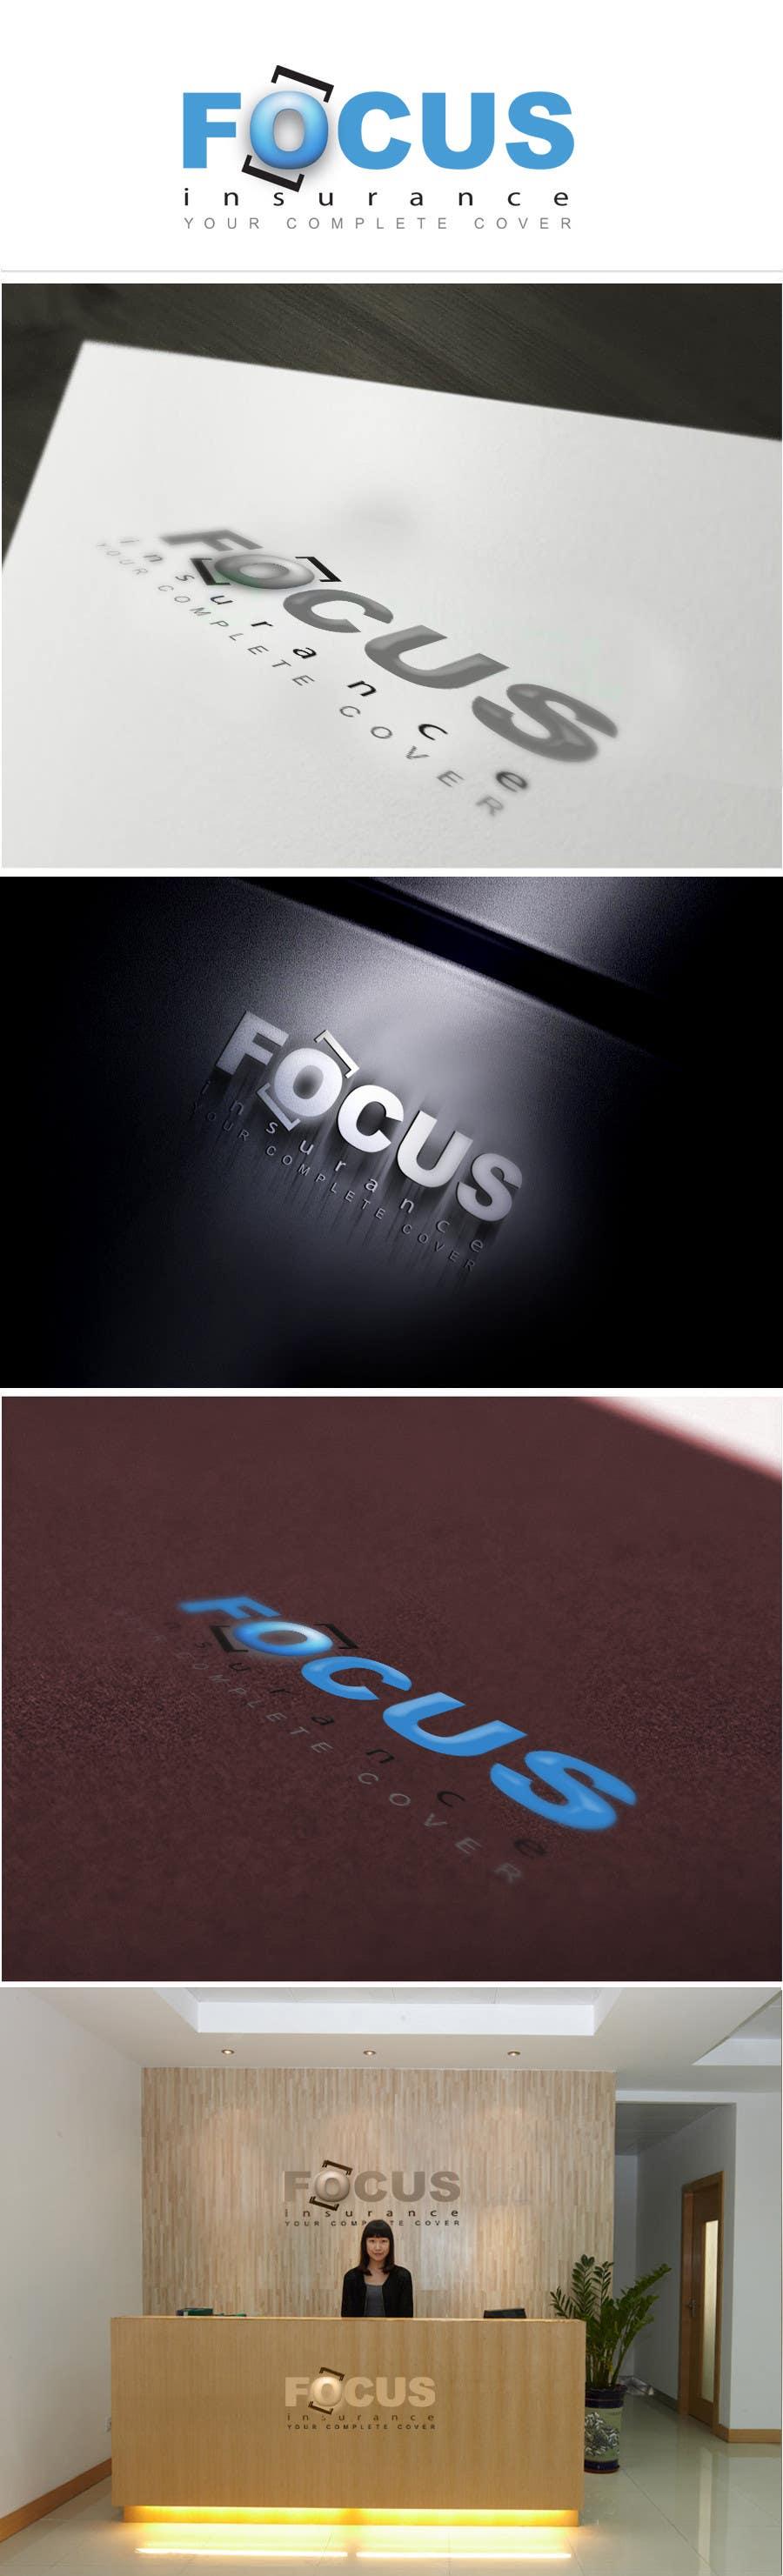 #120 for Logo Design for Focus Insurance by vigneshsmart